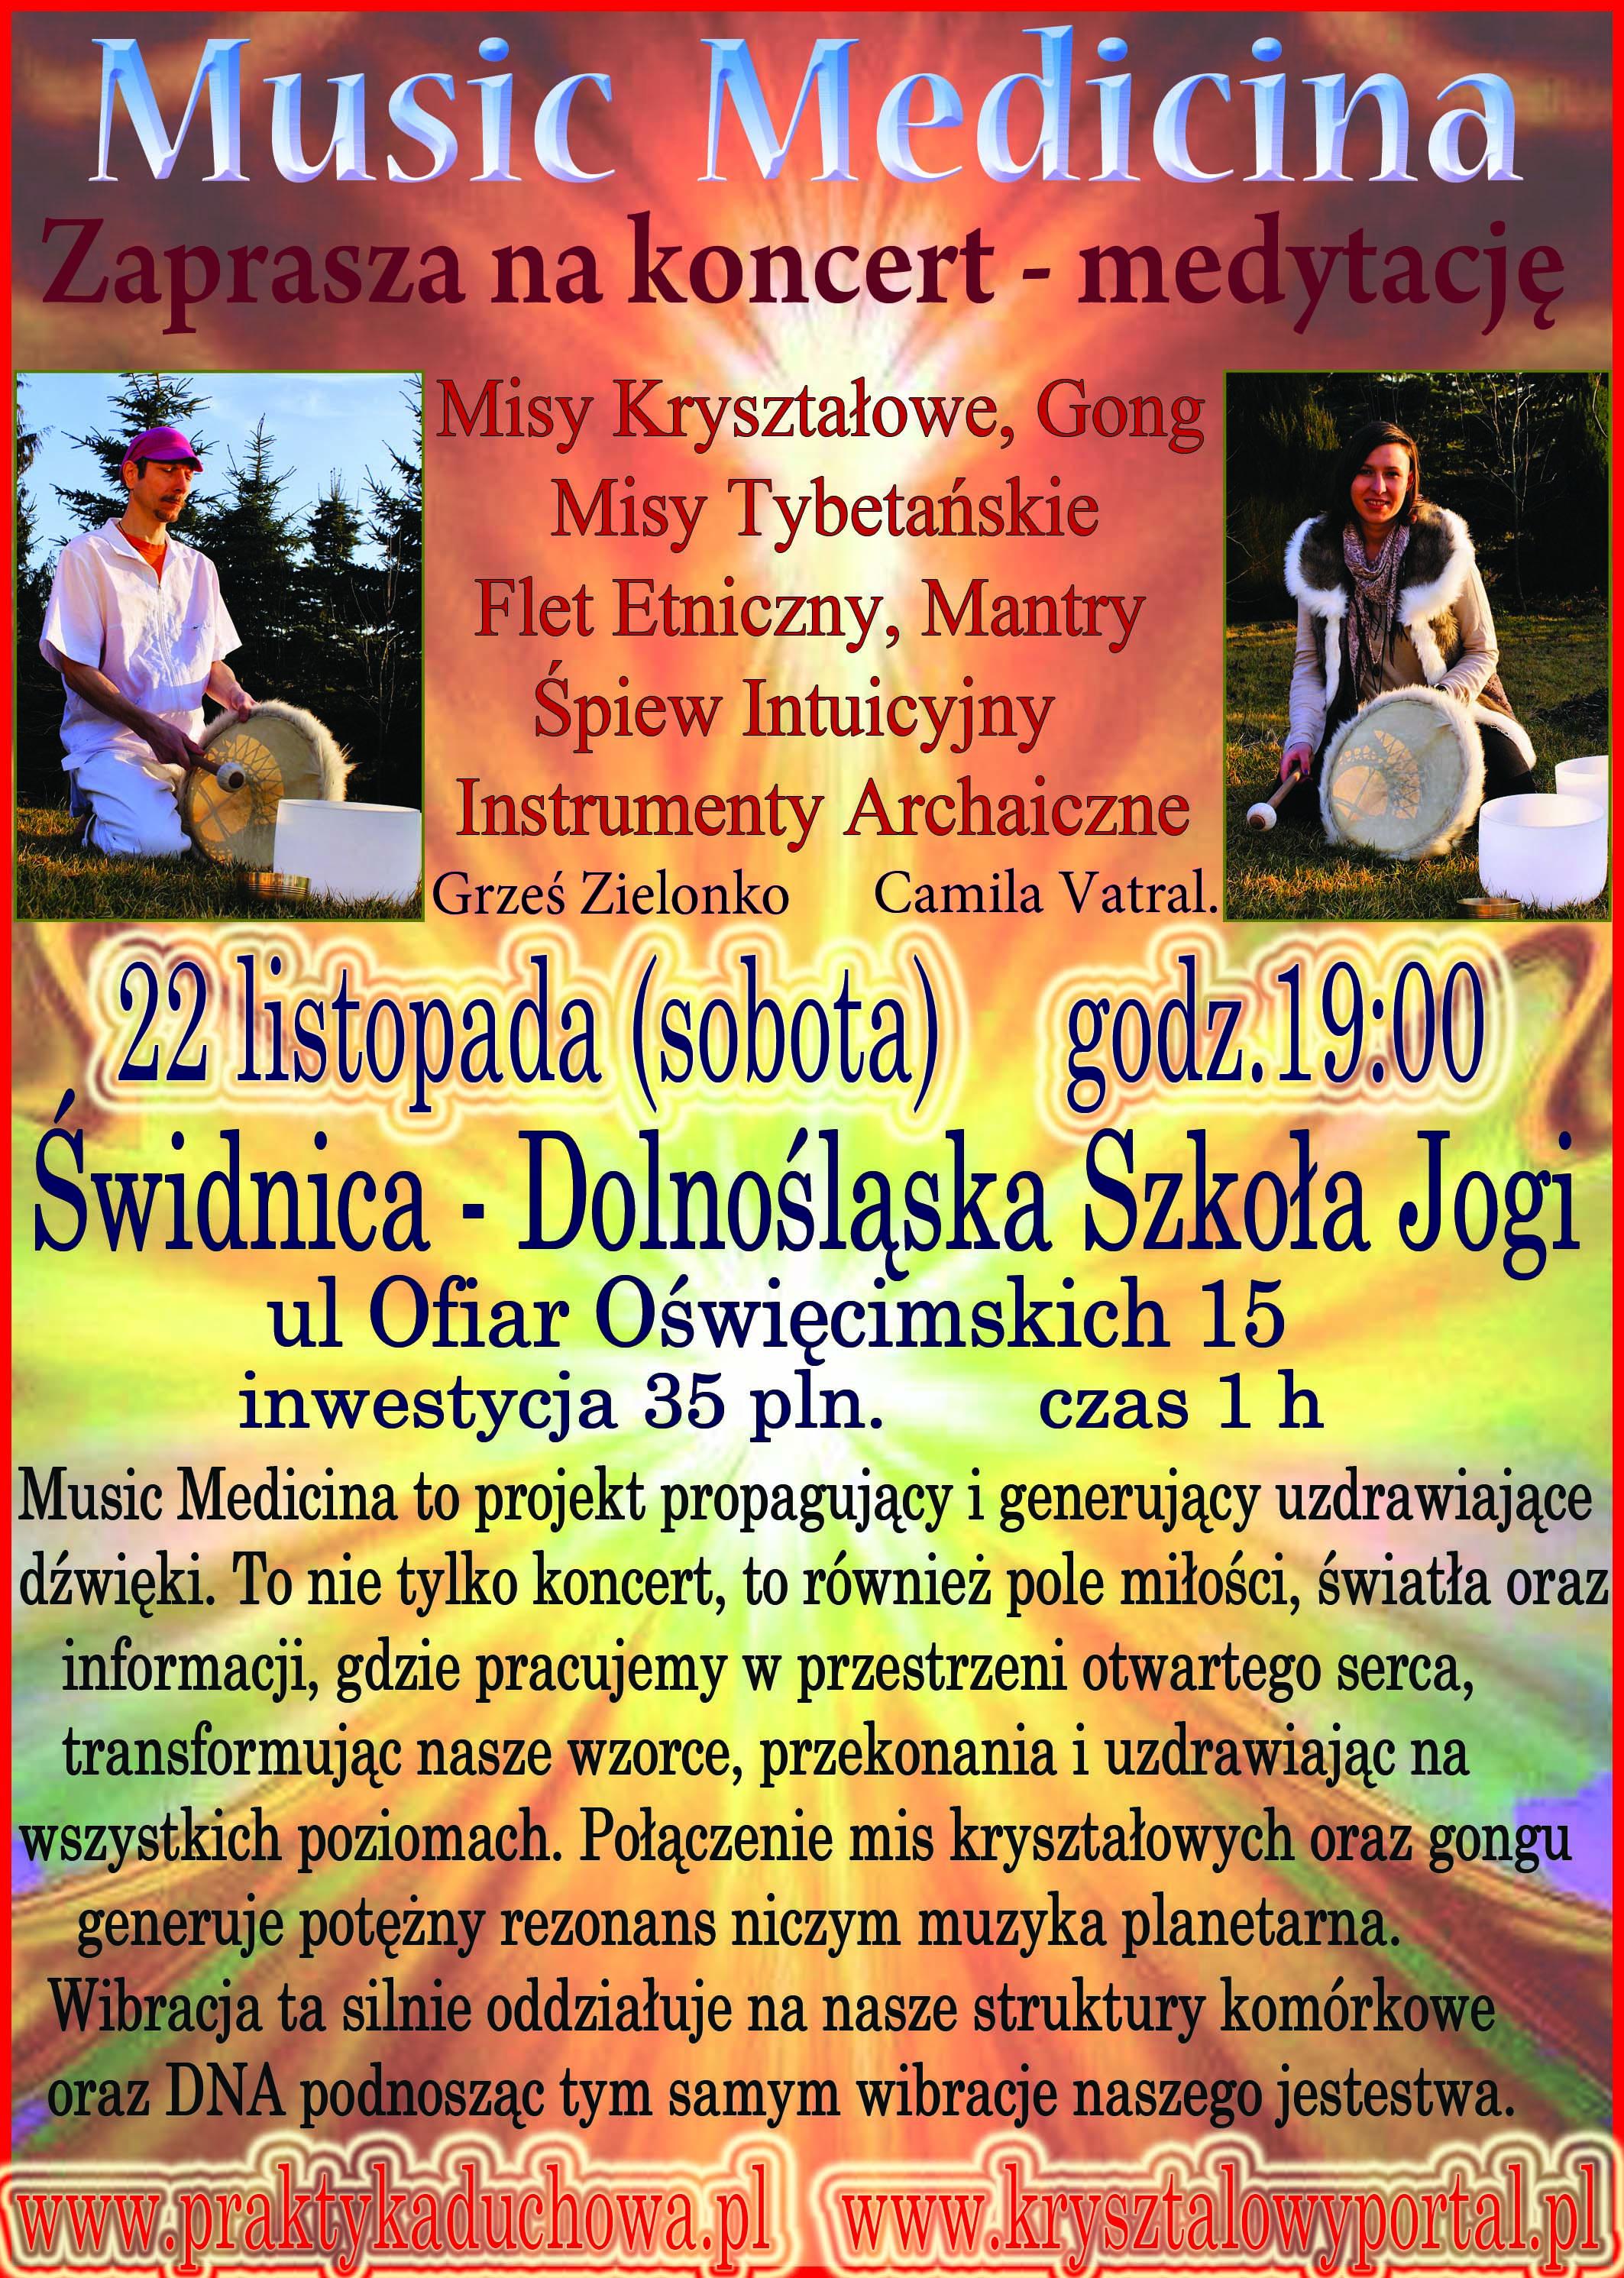 Music Medicina DSJ Świdnica 22 11 h 19ta